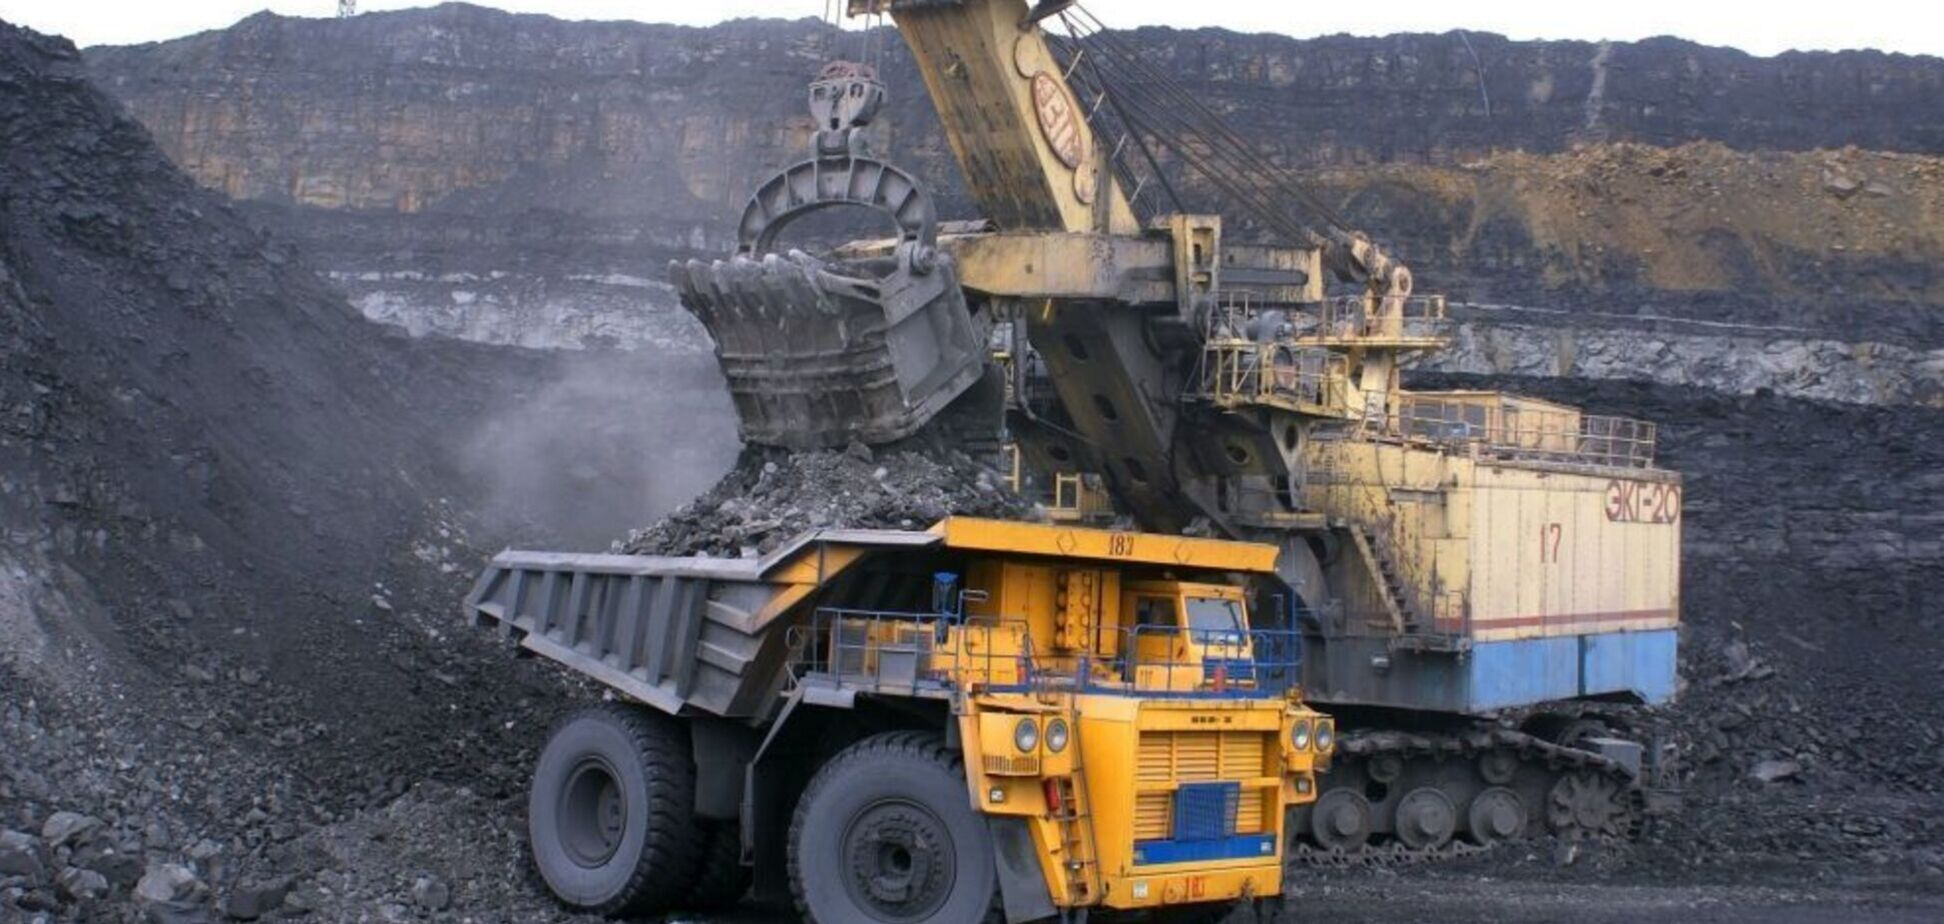 Різниці між формулами Роттердам+ для вугілля, газу і бензину не існує, – ексглава НКРЕКУ